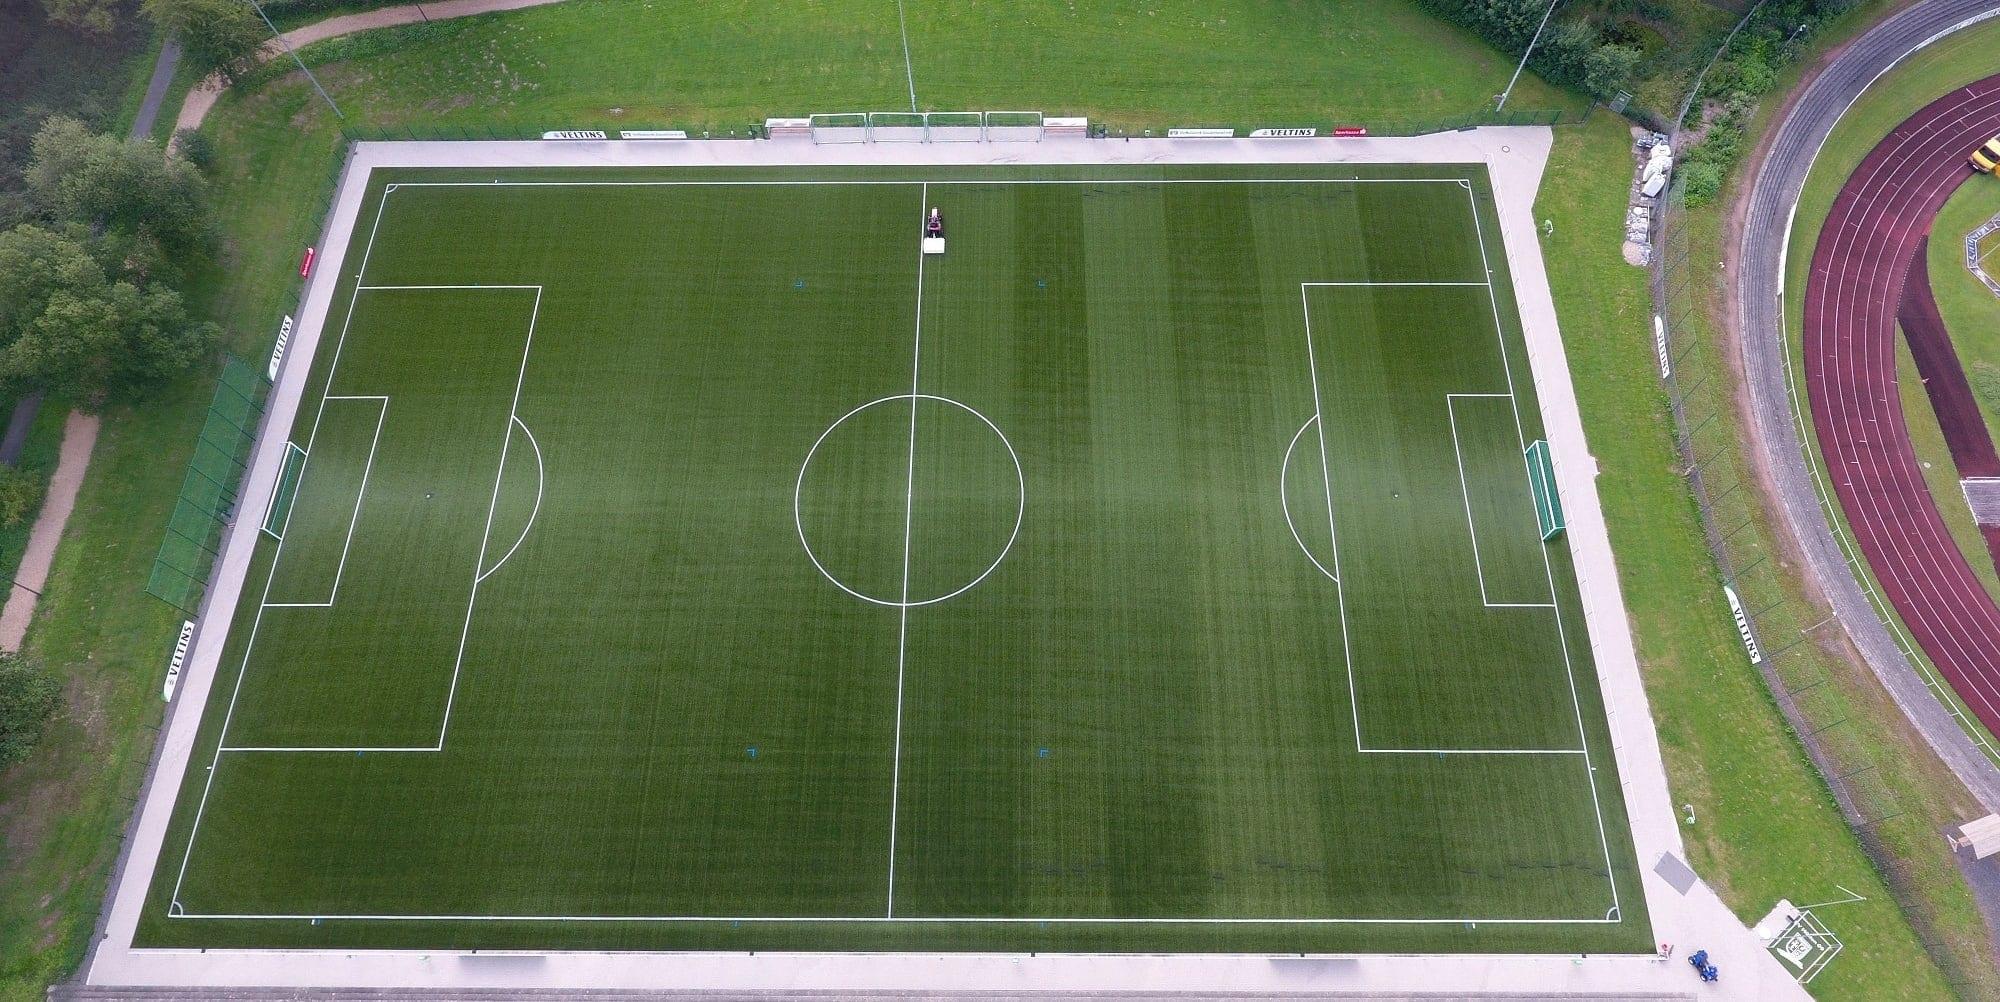 Kunstrasen von P&T Sportplatzsysteme